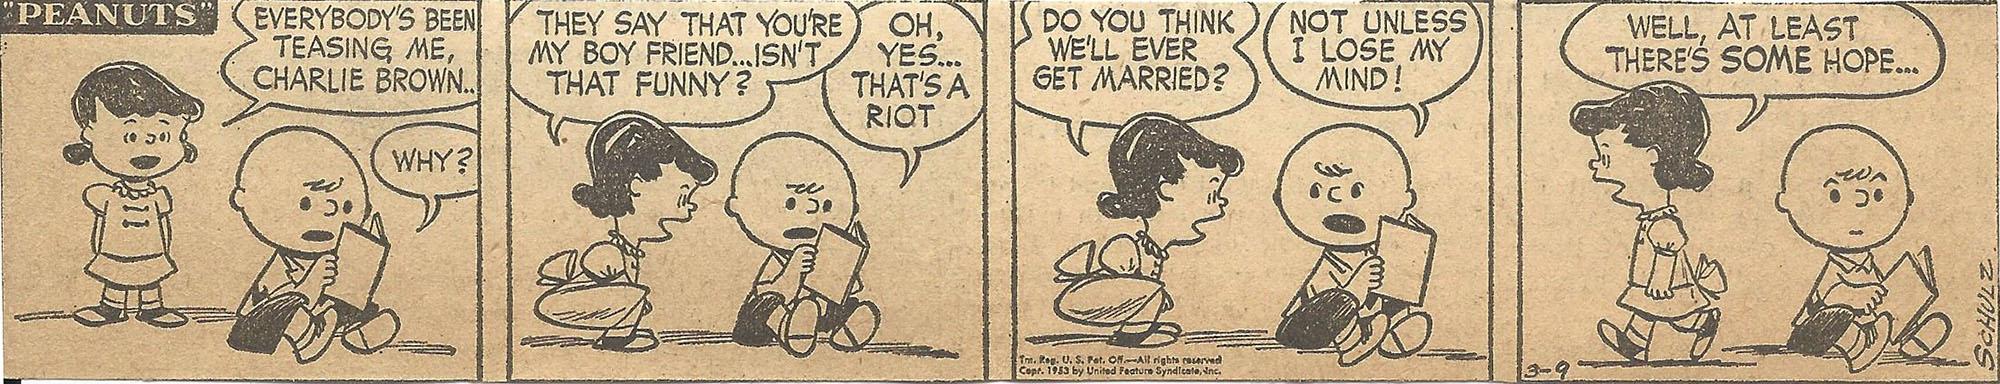 Mar. 10, 1953 (Marj) Peanuts 2